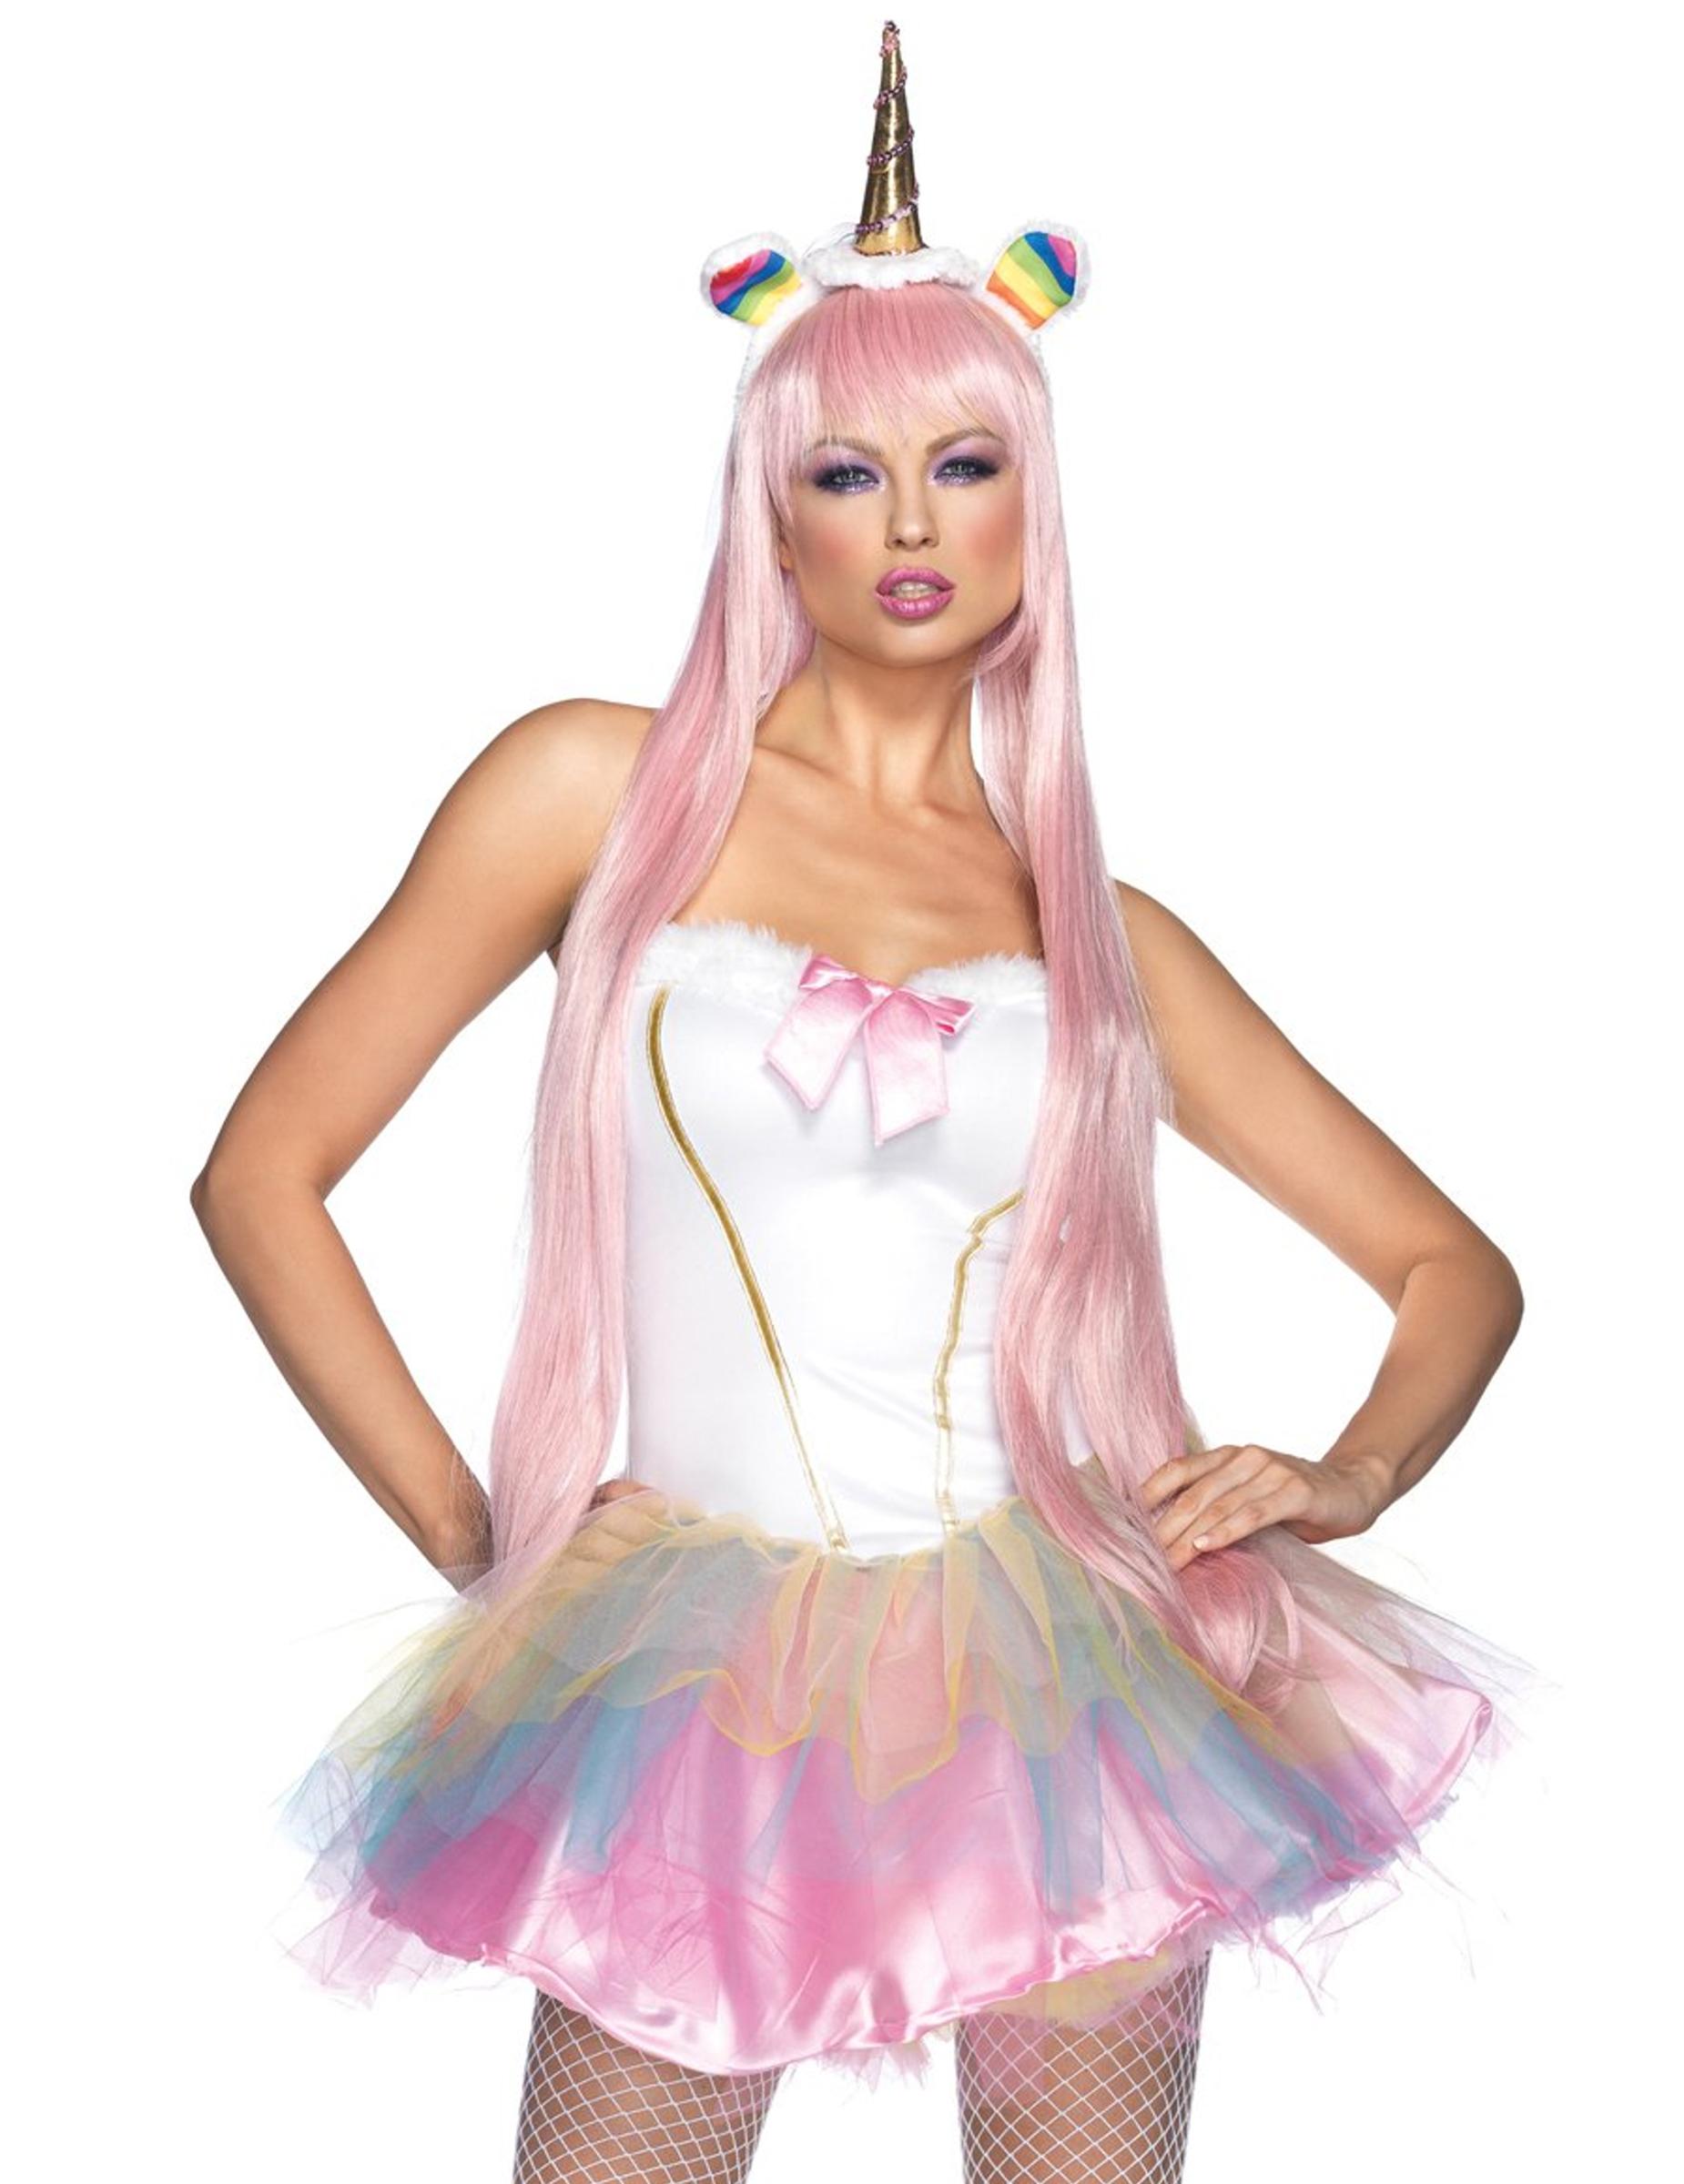 9b60a6685e89 Disfraz unicornio fantasía luminoso mujer: Disfraces adultos,y ...